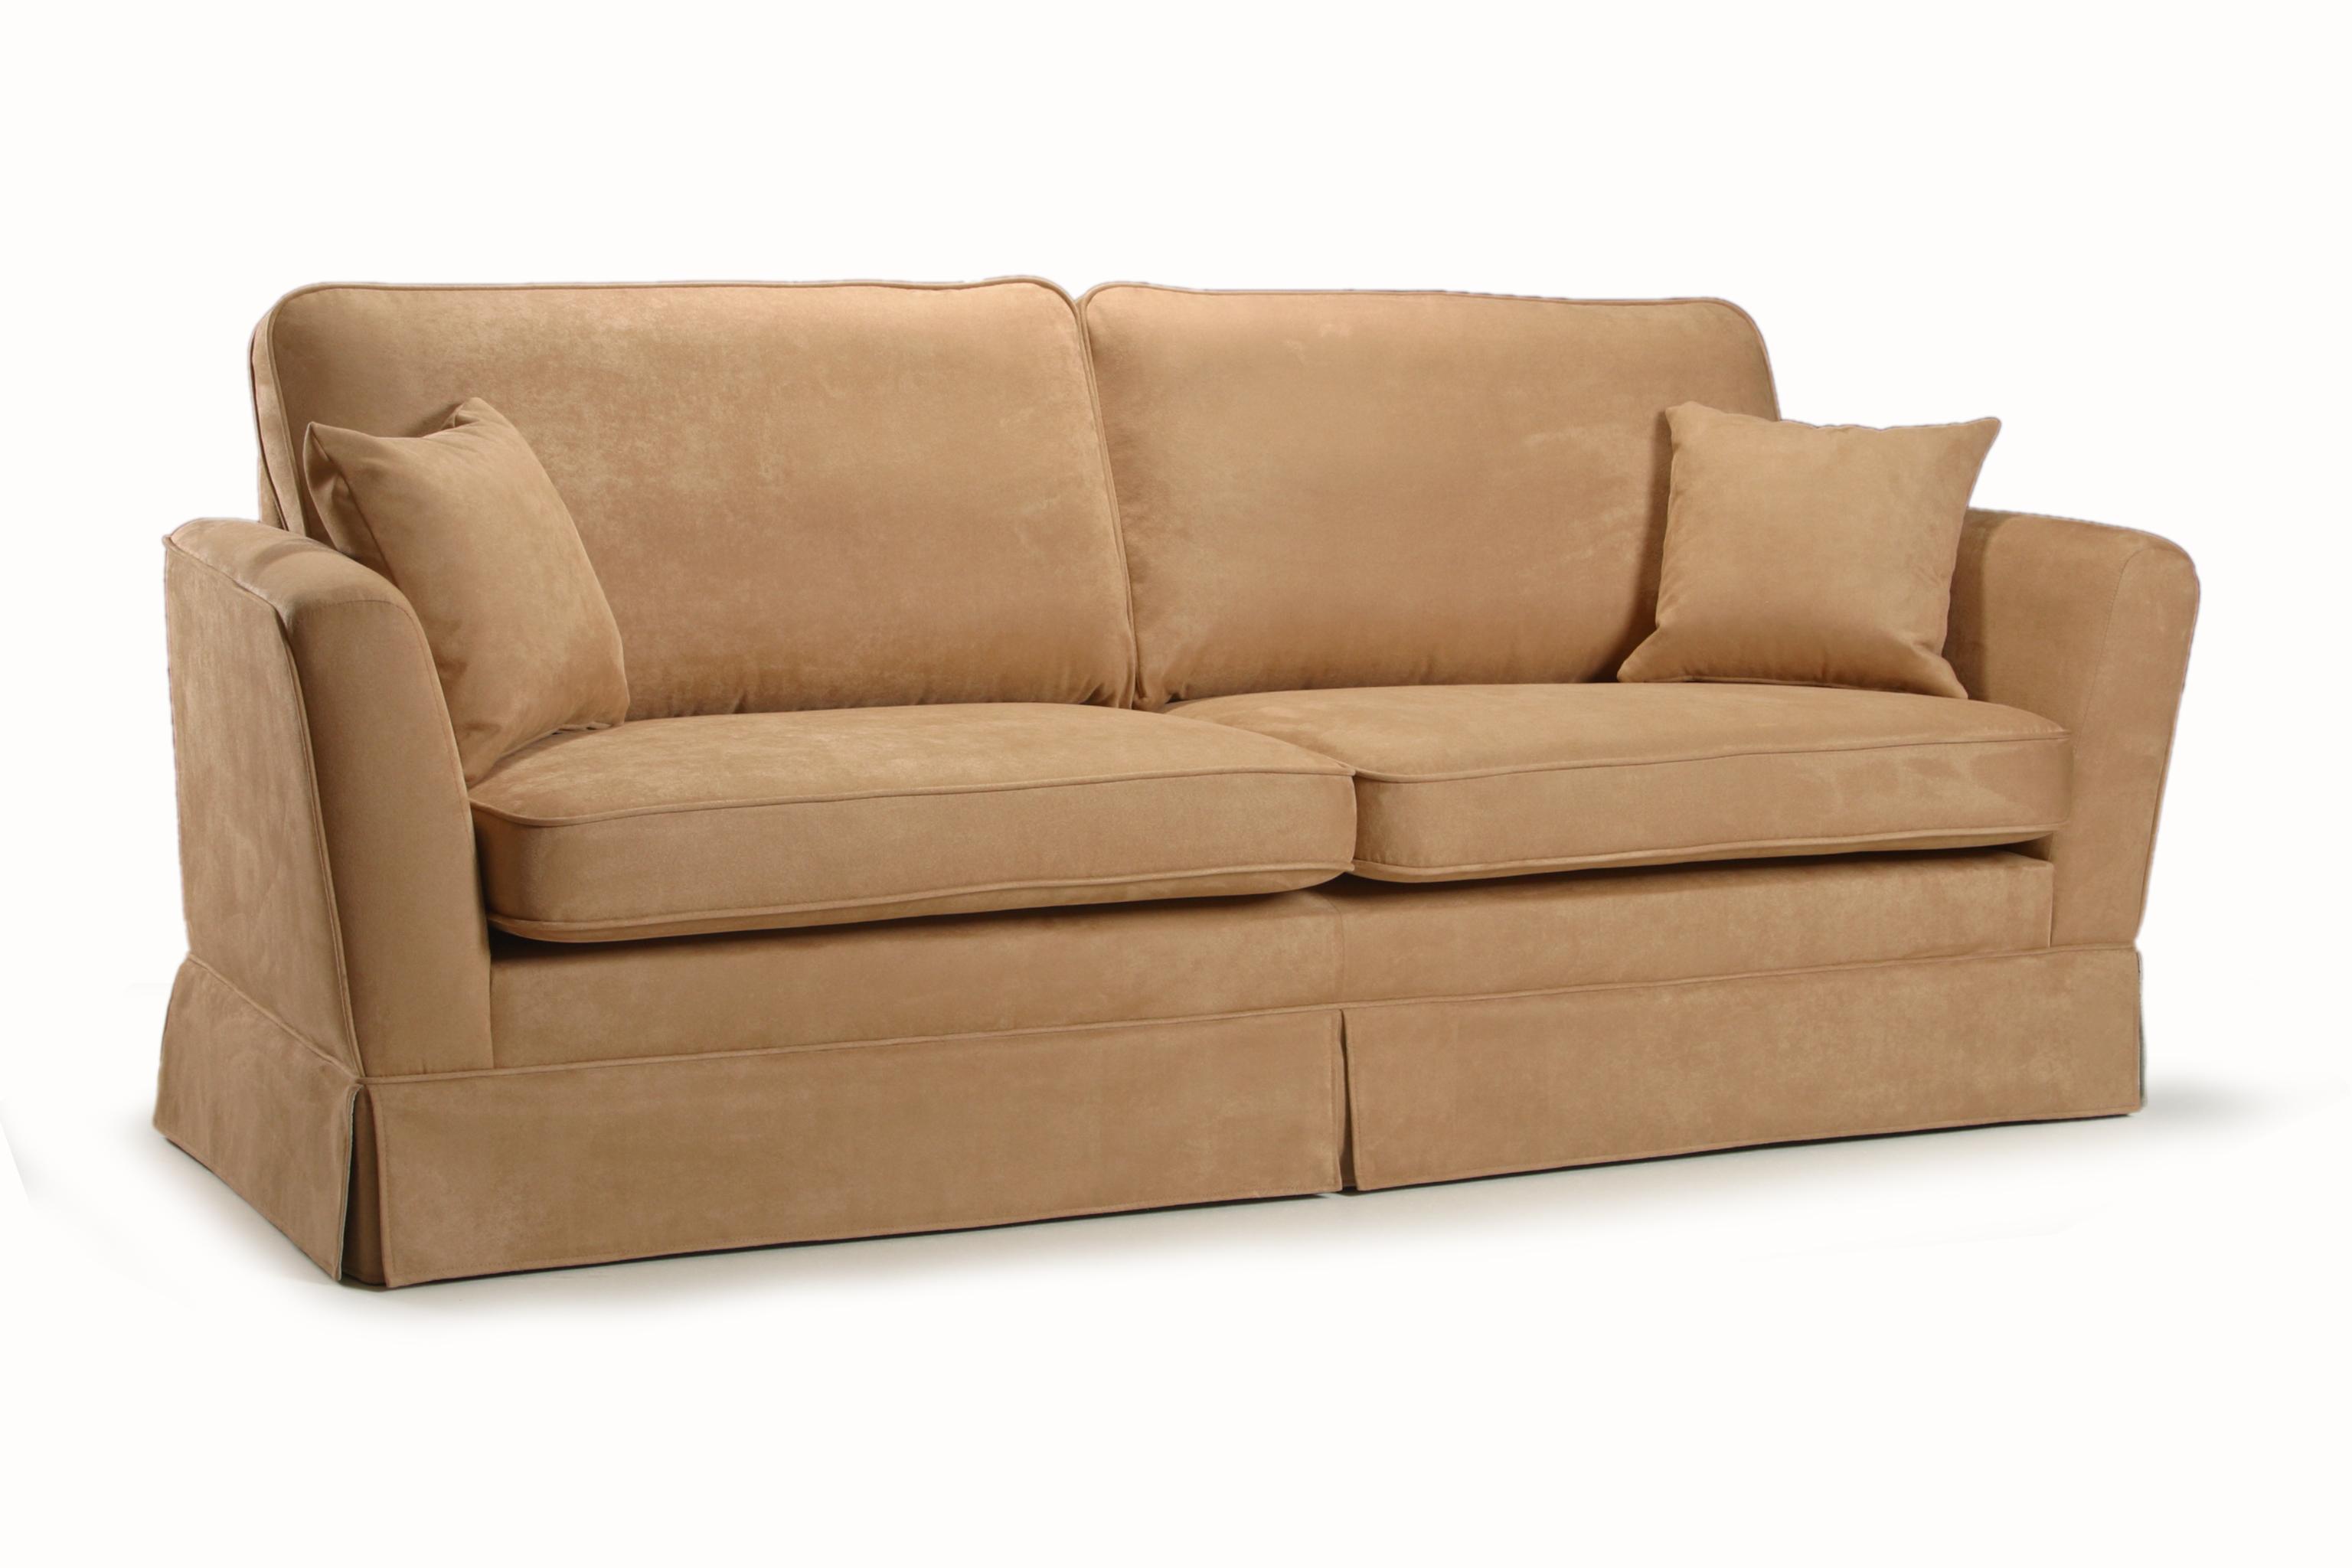 Canapea fixa 3 locuri tapitata cu stofa Peter